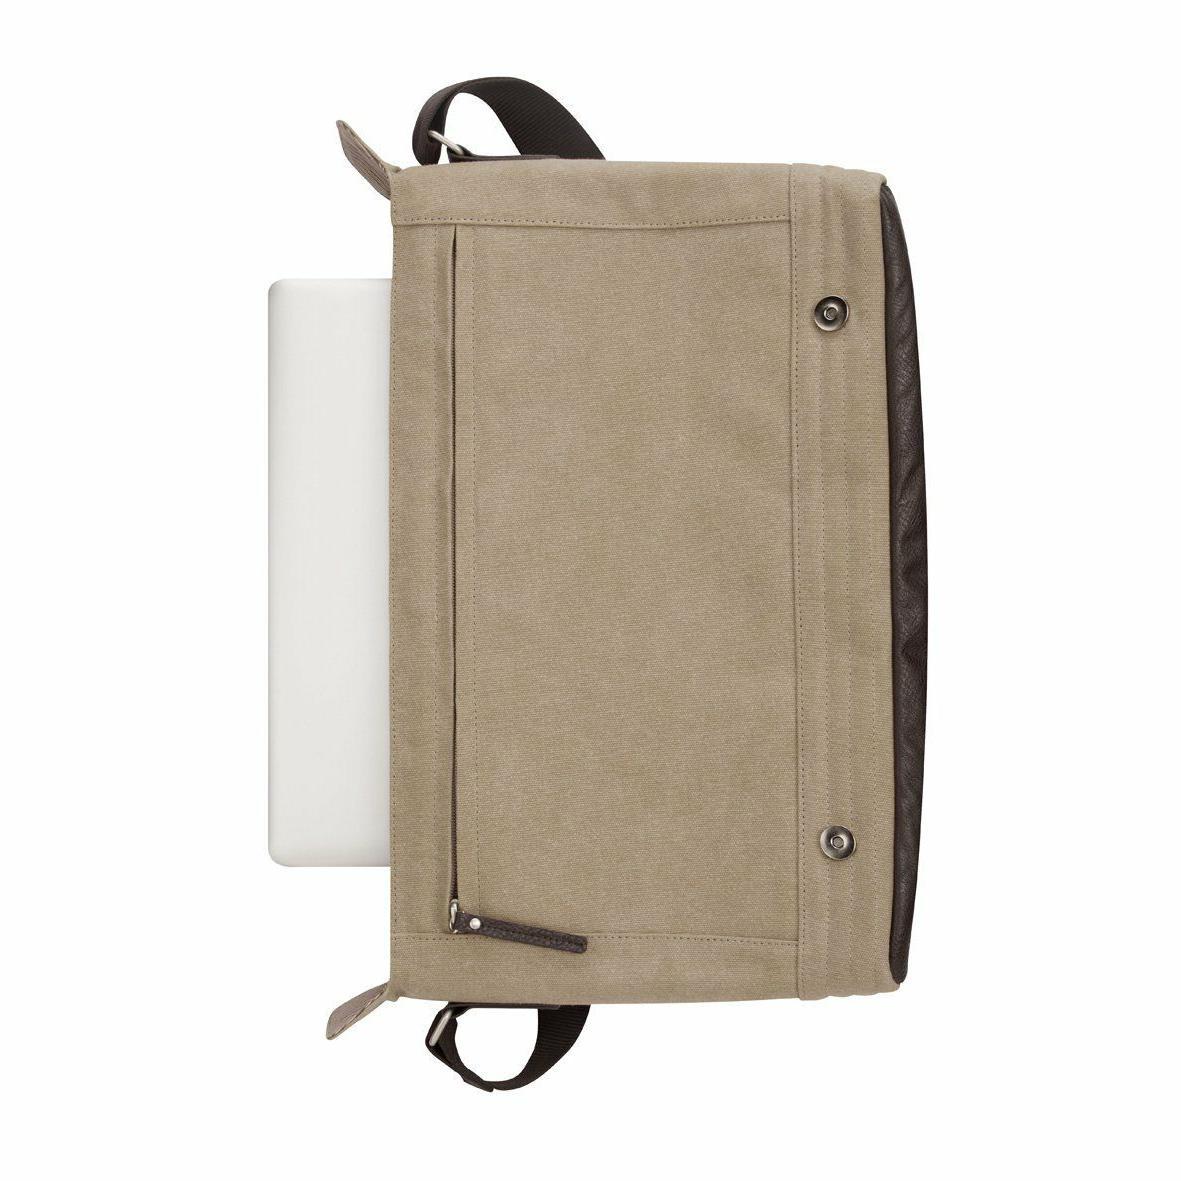 Targus Messenger 15.6-Inch Laptops Beige